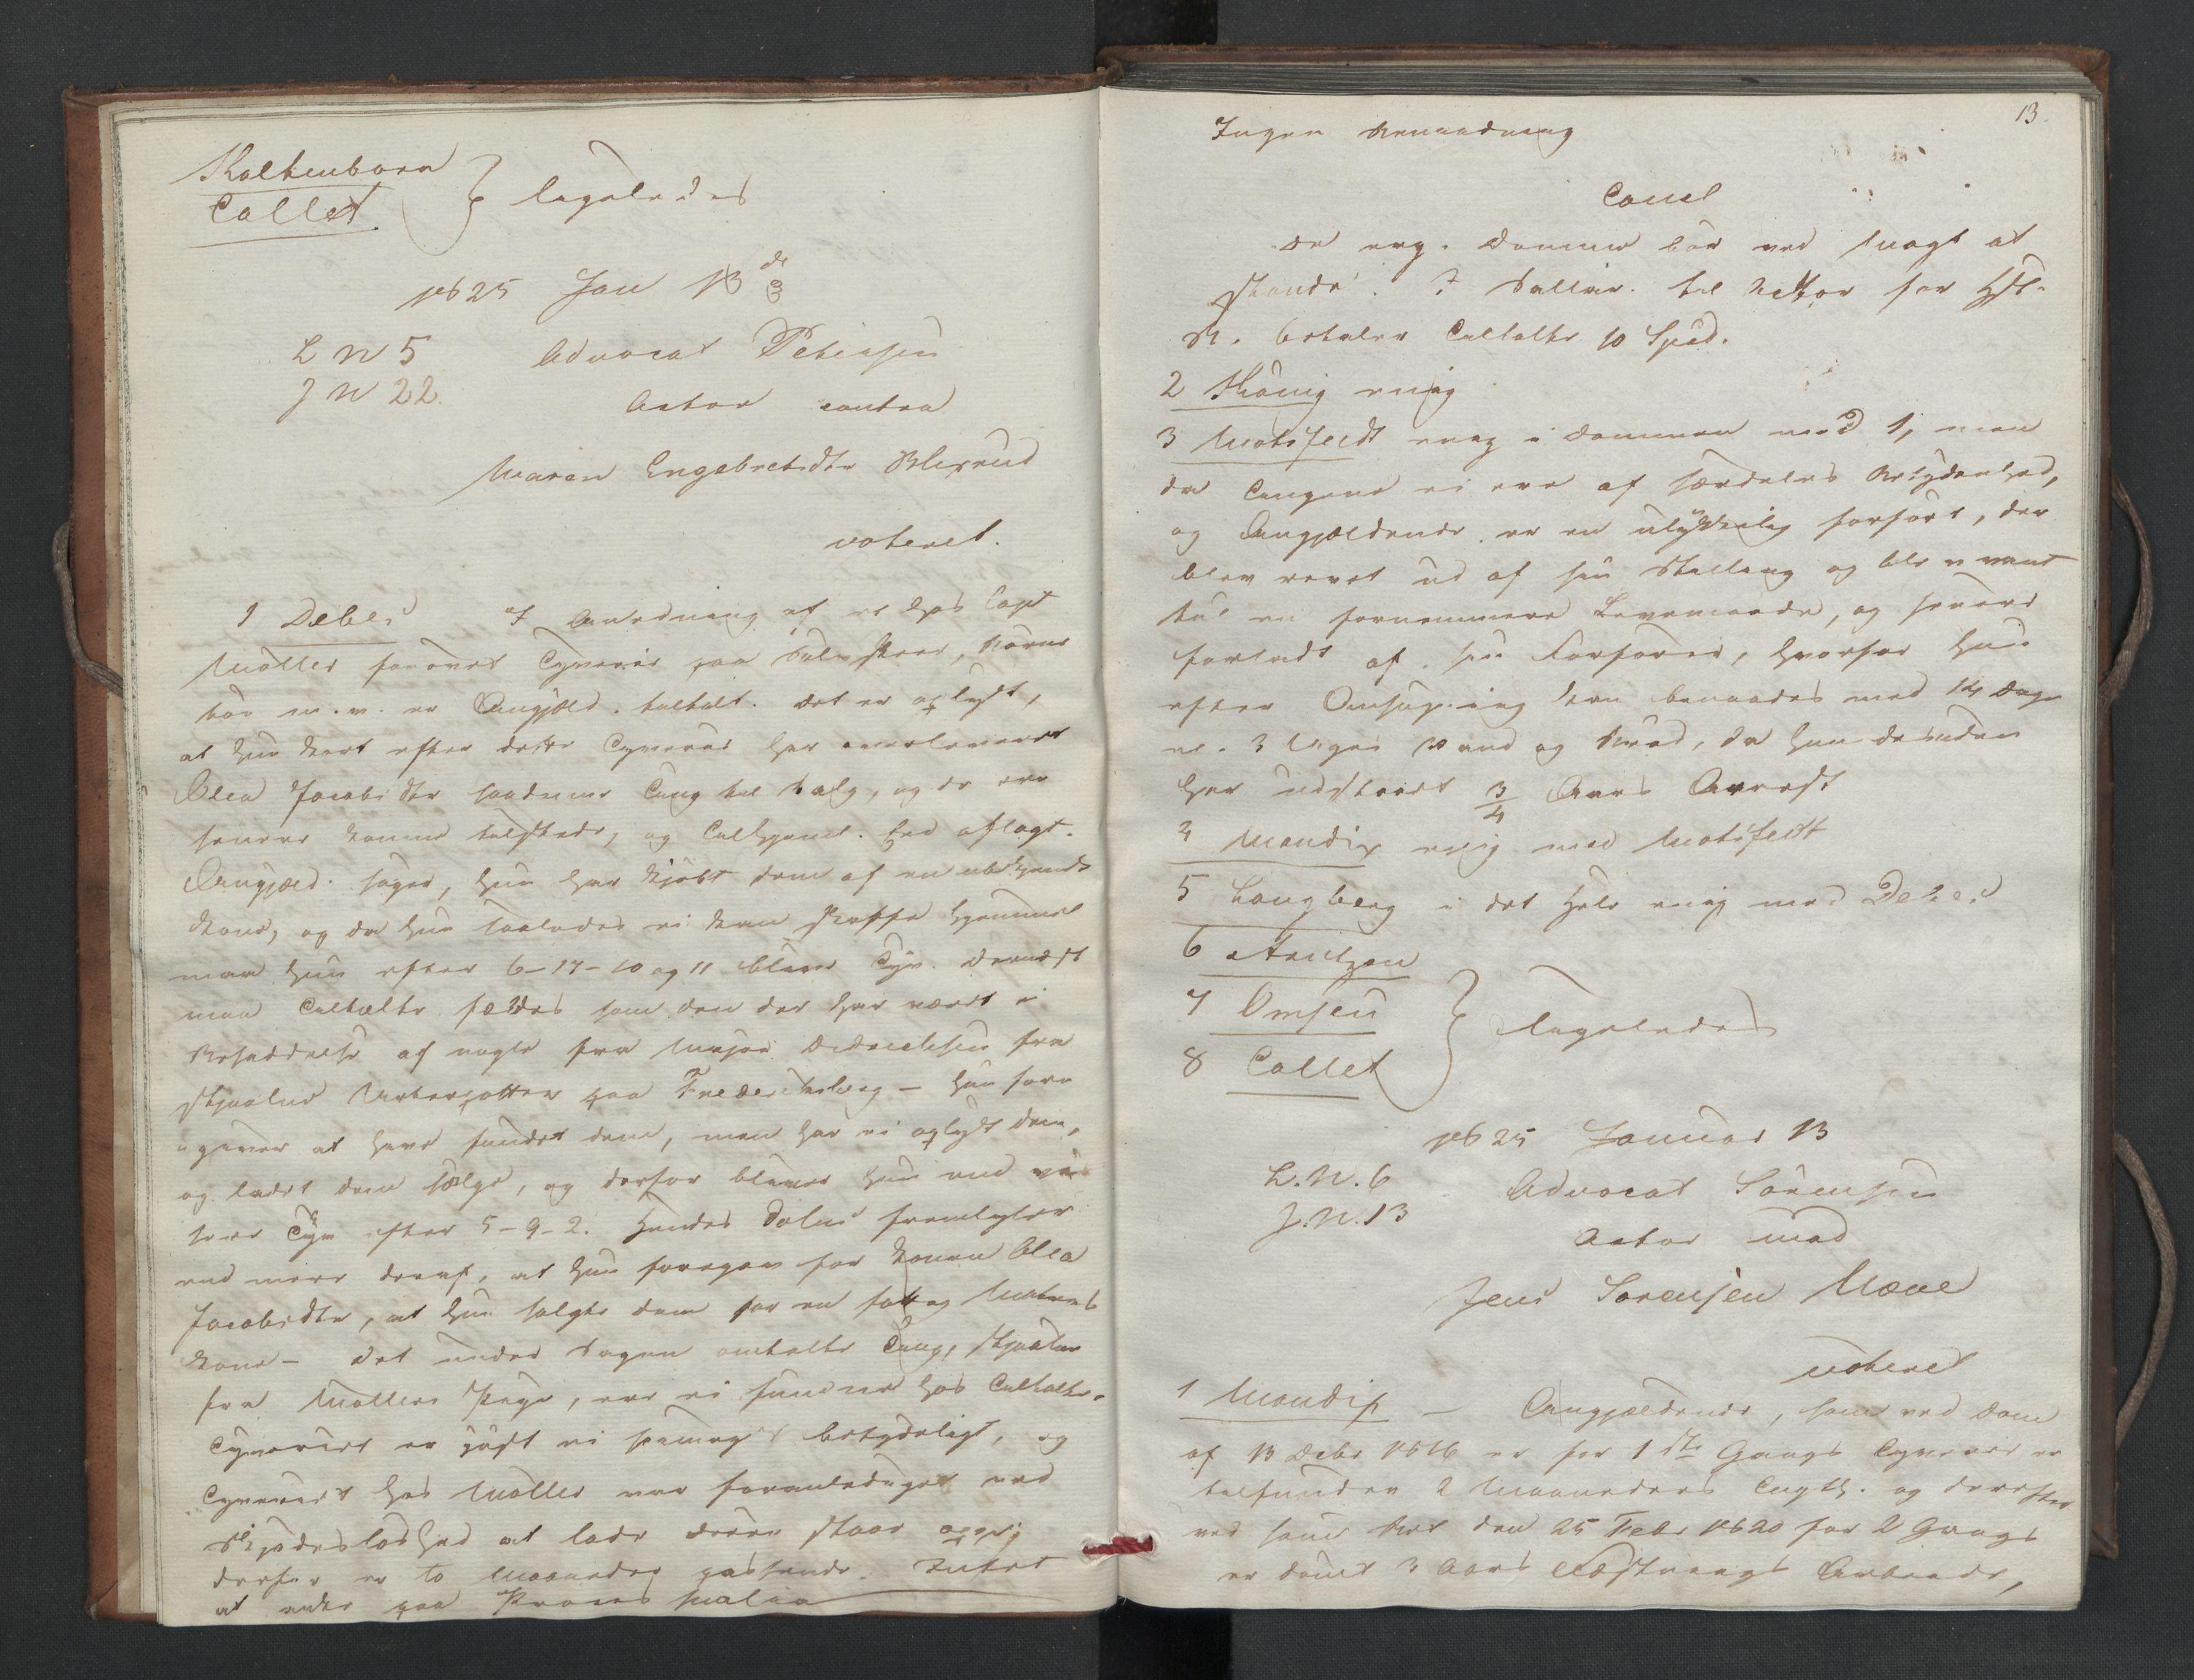 RA, Høyesterett, E/Eb/Eba/L0010: Voteringsprotokoller, 1825, s. 12-13